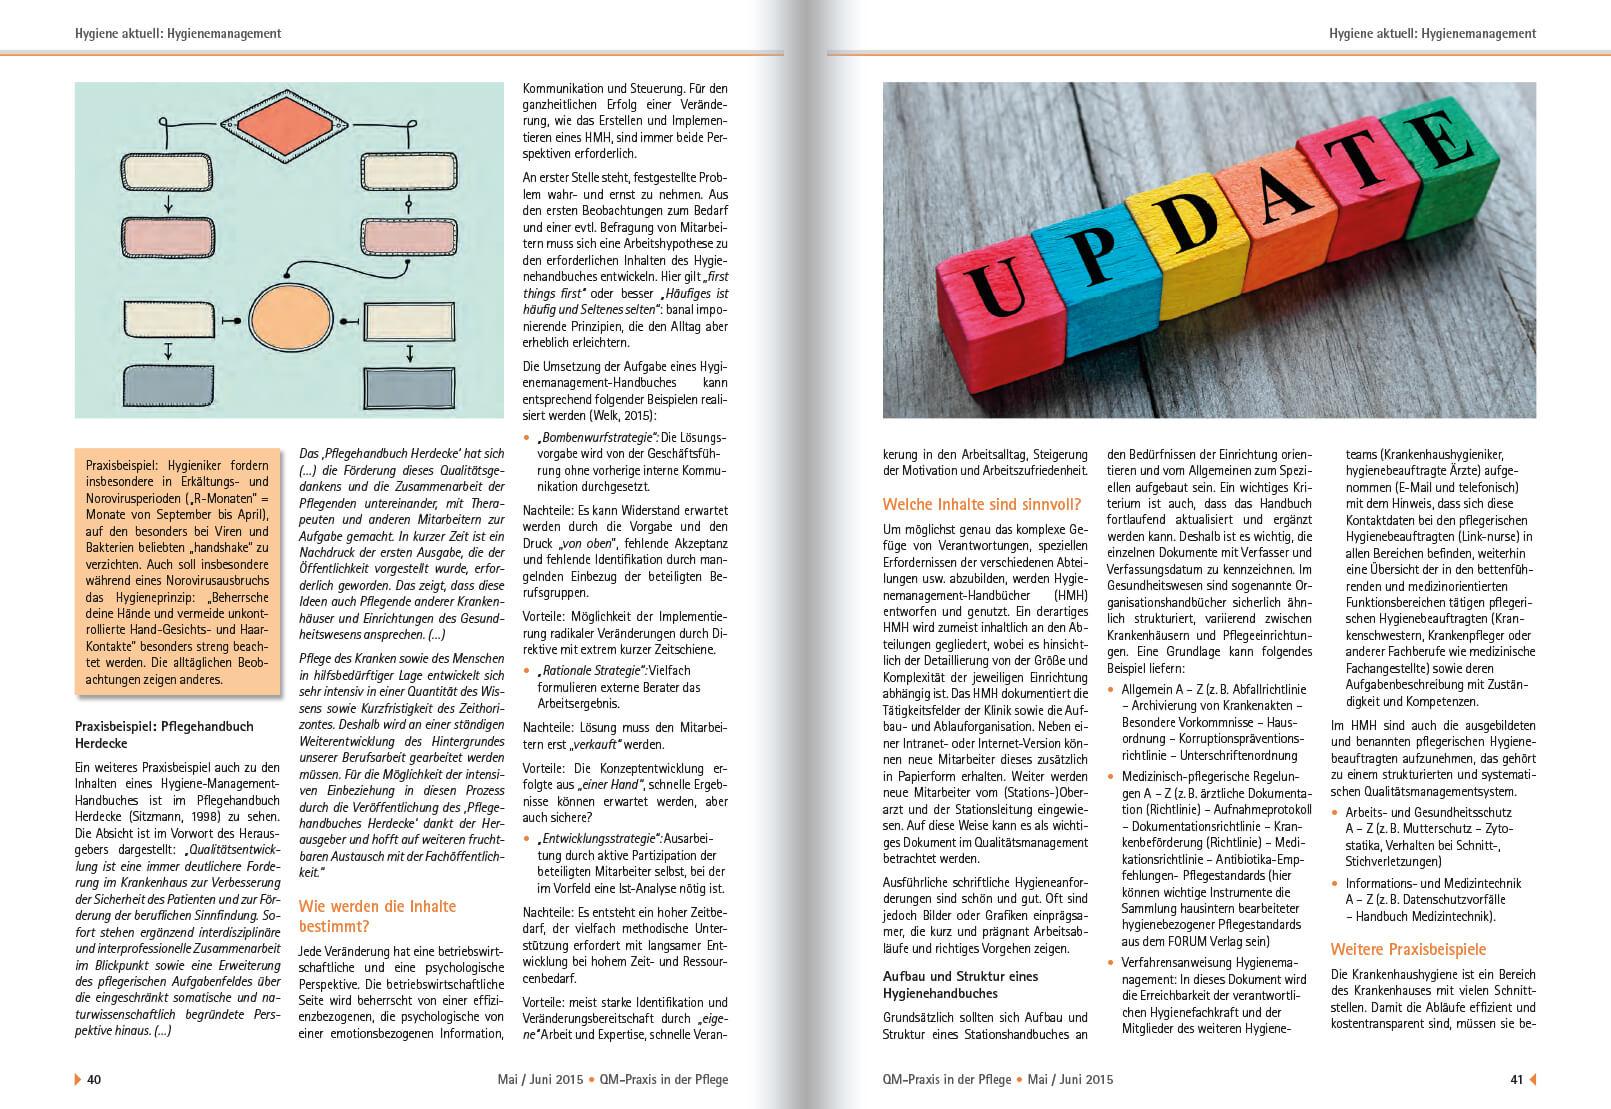 2015-05 Erstellen Hygienemanagement-Handbuch 3